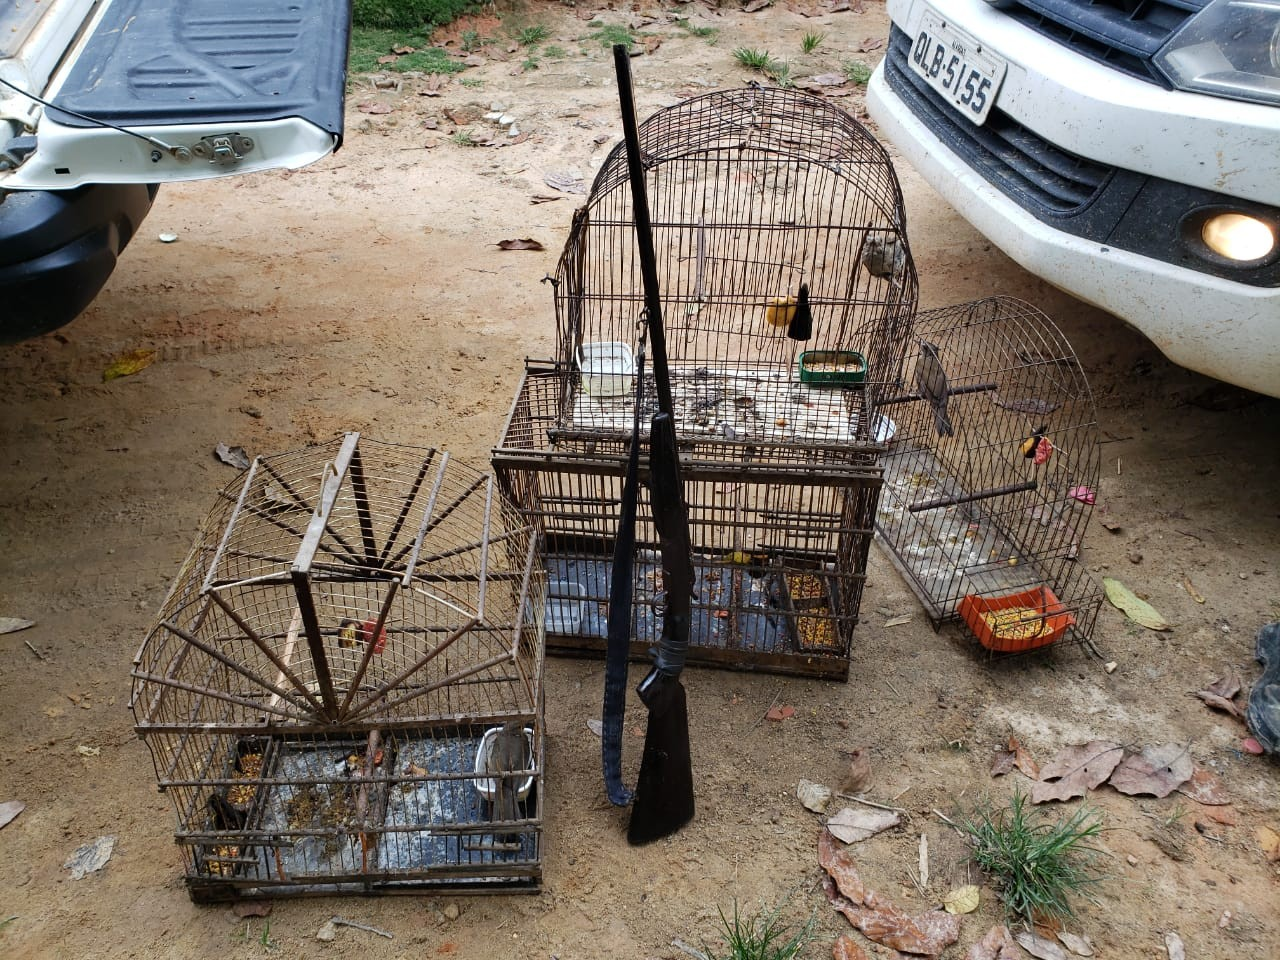 Homem é preso por caça ilegal de aves e tenta esfaquear agente do ICMBio em Murici, AL